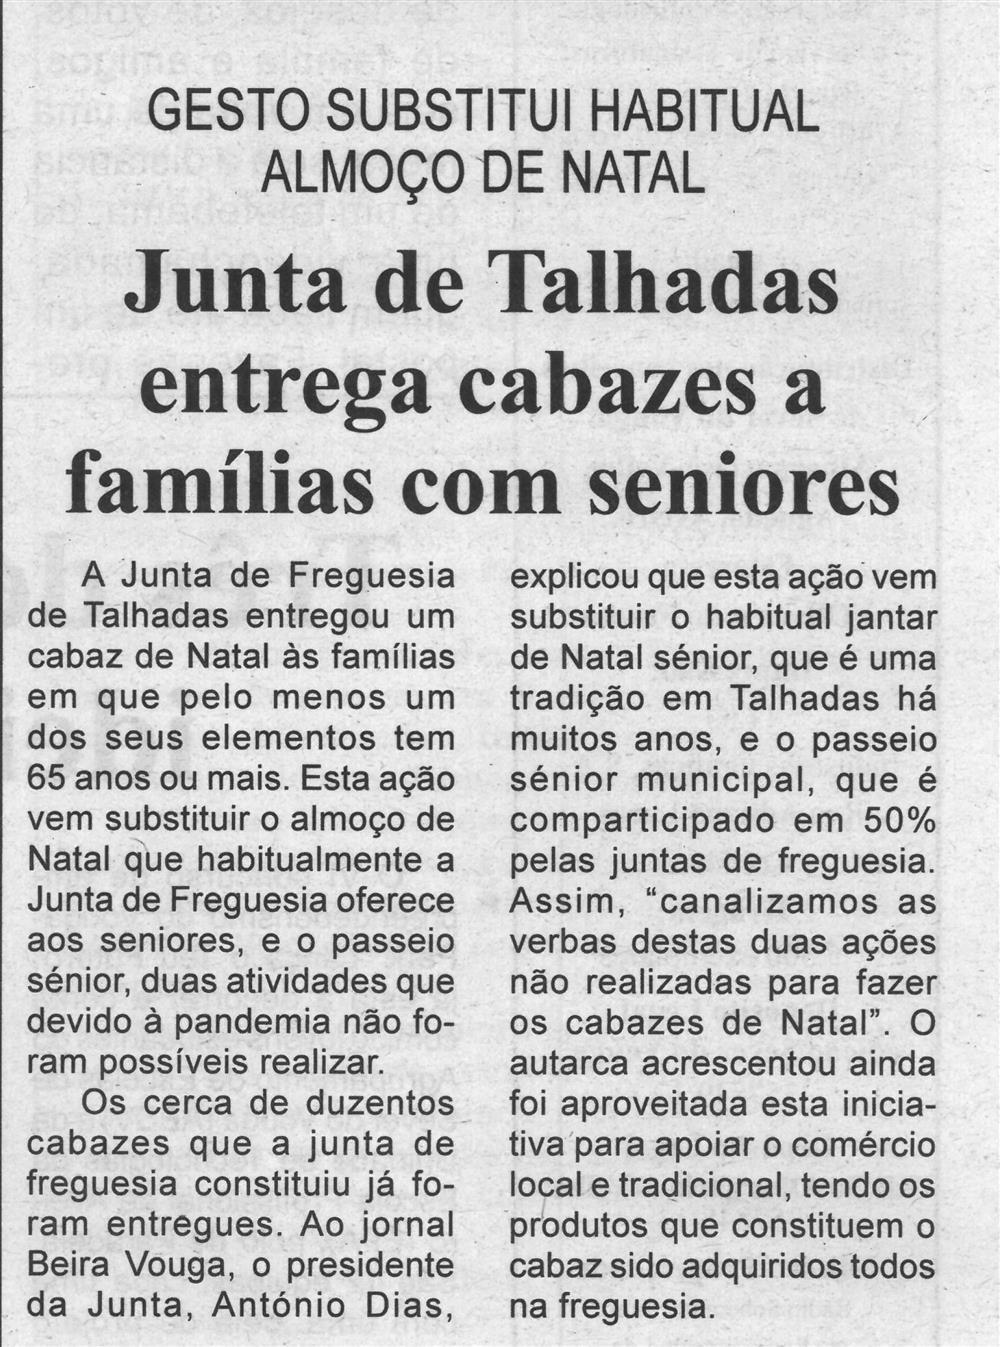 BV-23dez.'20-p.3-Junta de Talhadas entrega cabazes a famílias com seniores : gesto substitui habitual almoço de Natal.jpg